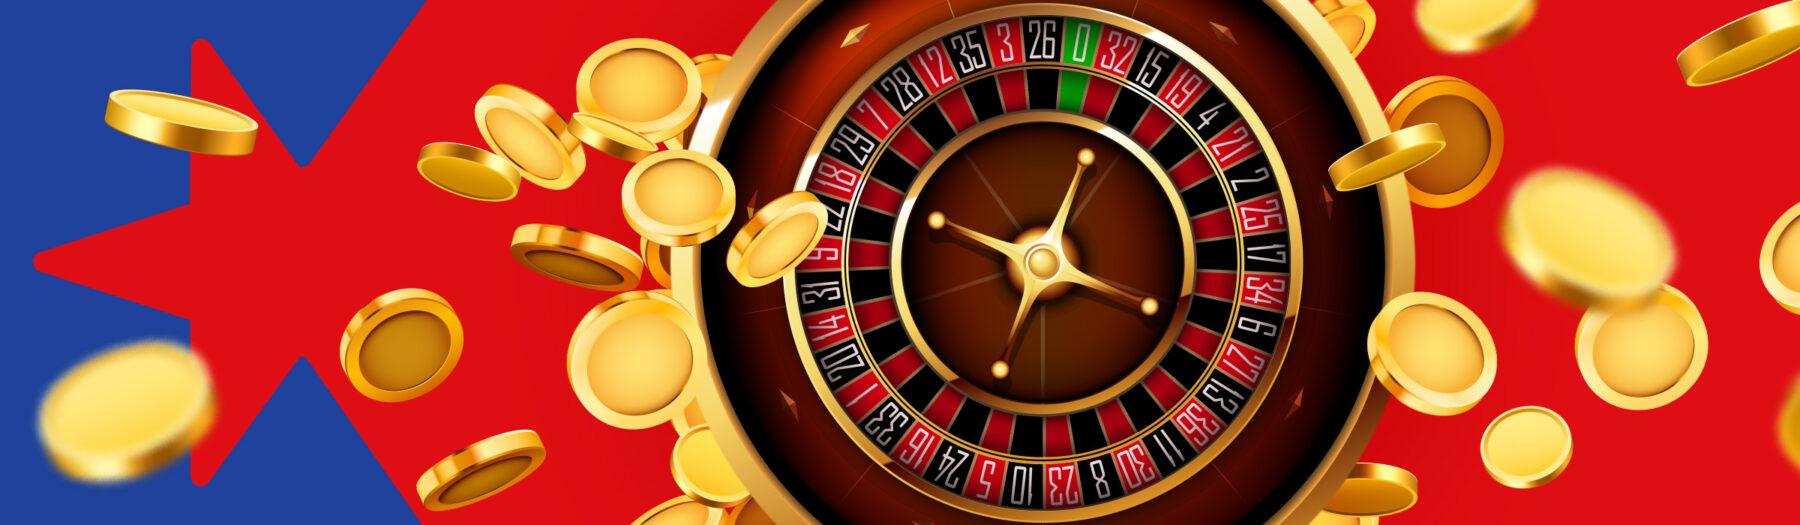 Funcionamiento de los Bonos de Casino Chilenos